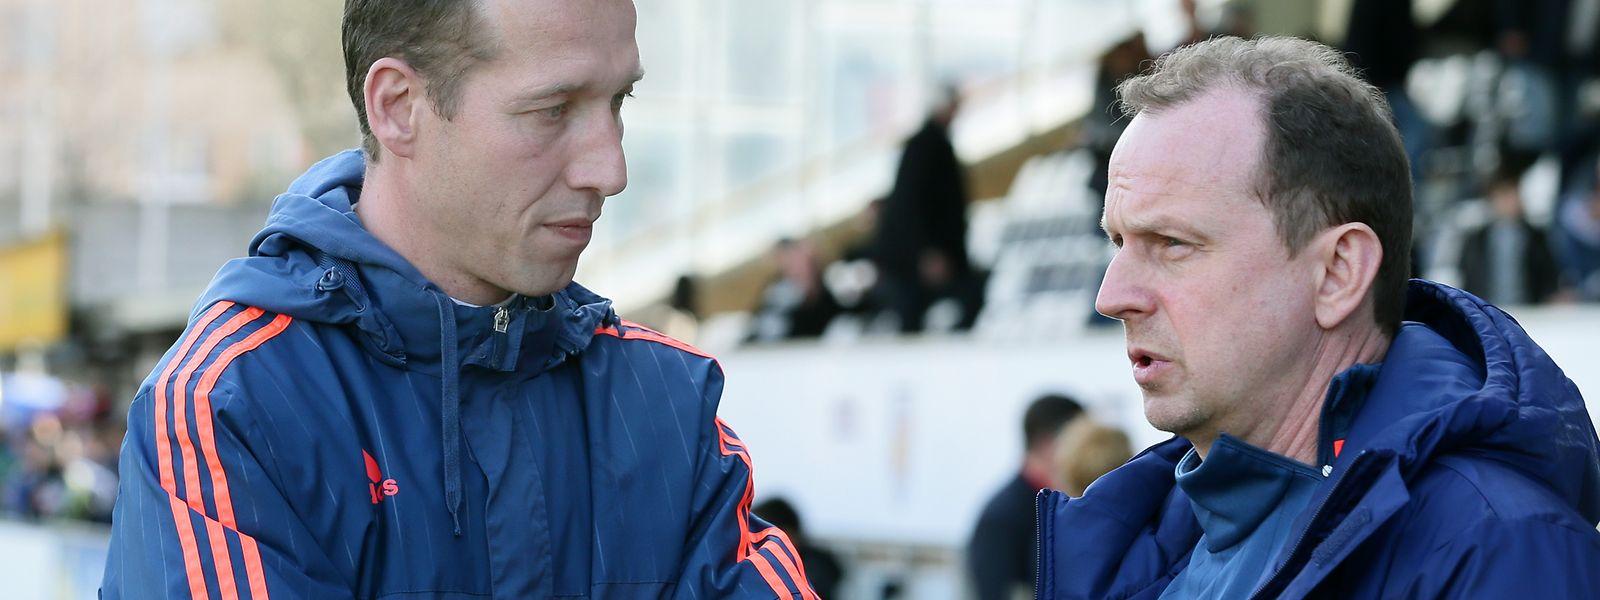 Fola-Sportdirektor Pascal Welter, hier im Gespräch mit Trainer Jeff Strasser, sieht den Ligaverband in der Verantwortung.